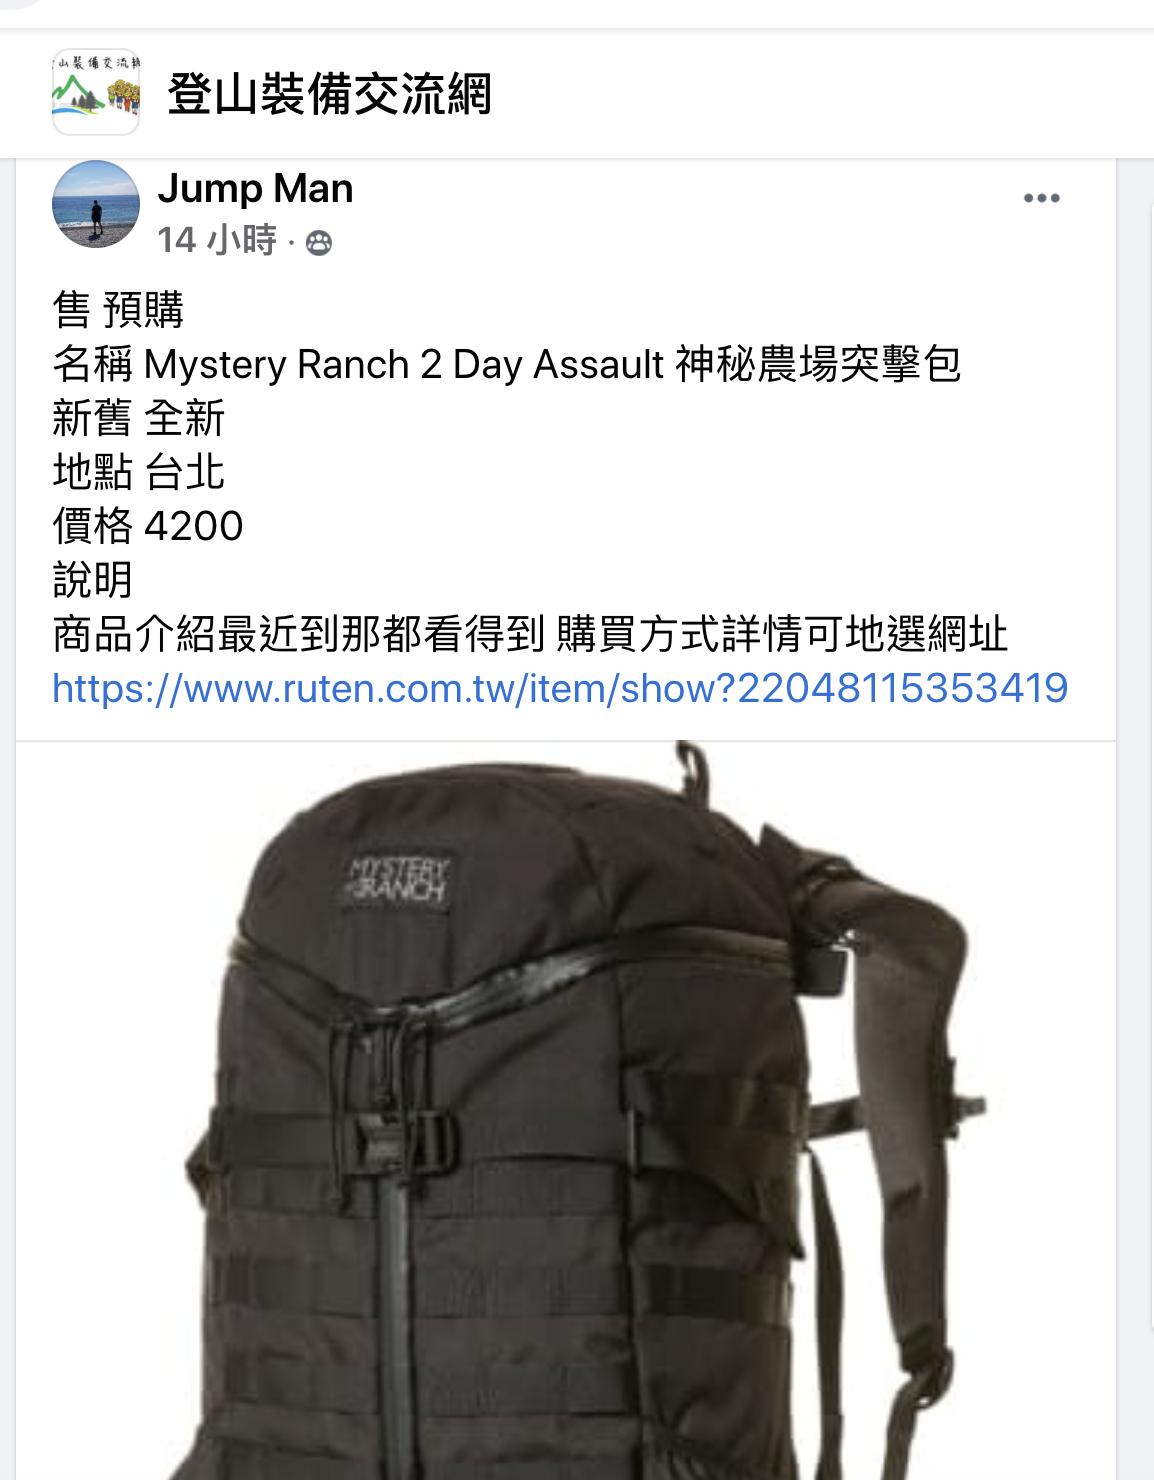 [情報] 佛心代購,MR 2day 只要4200台幣!!